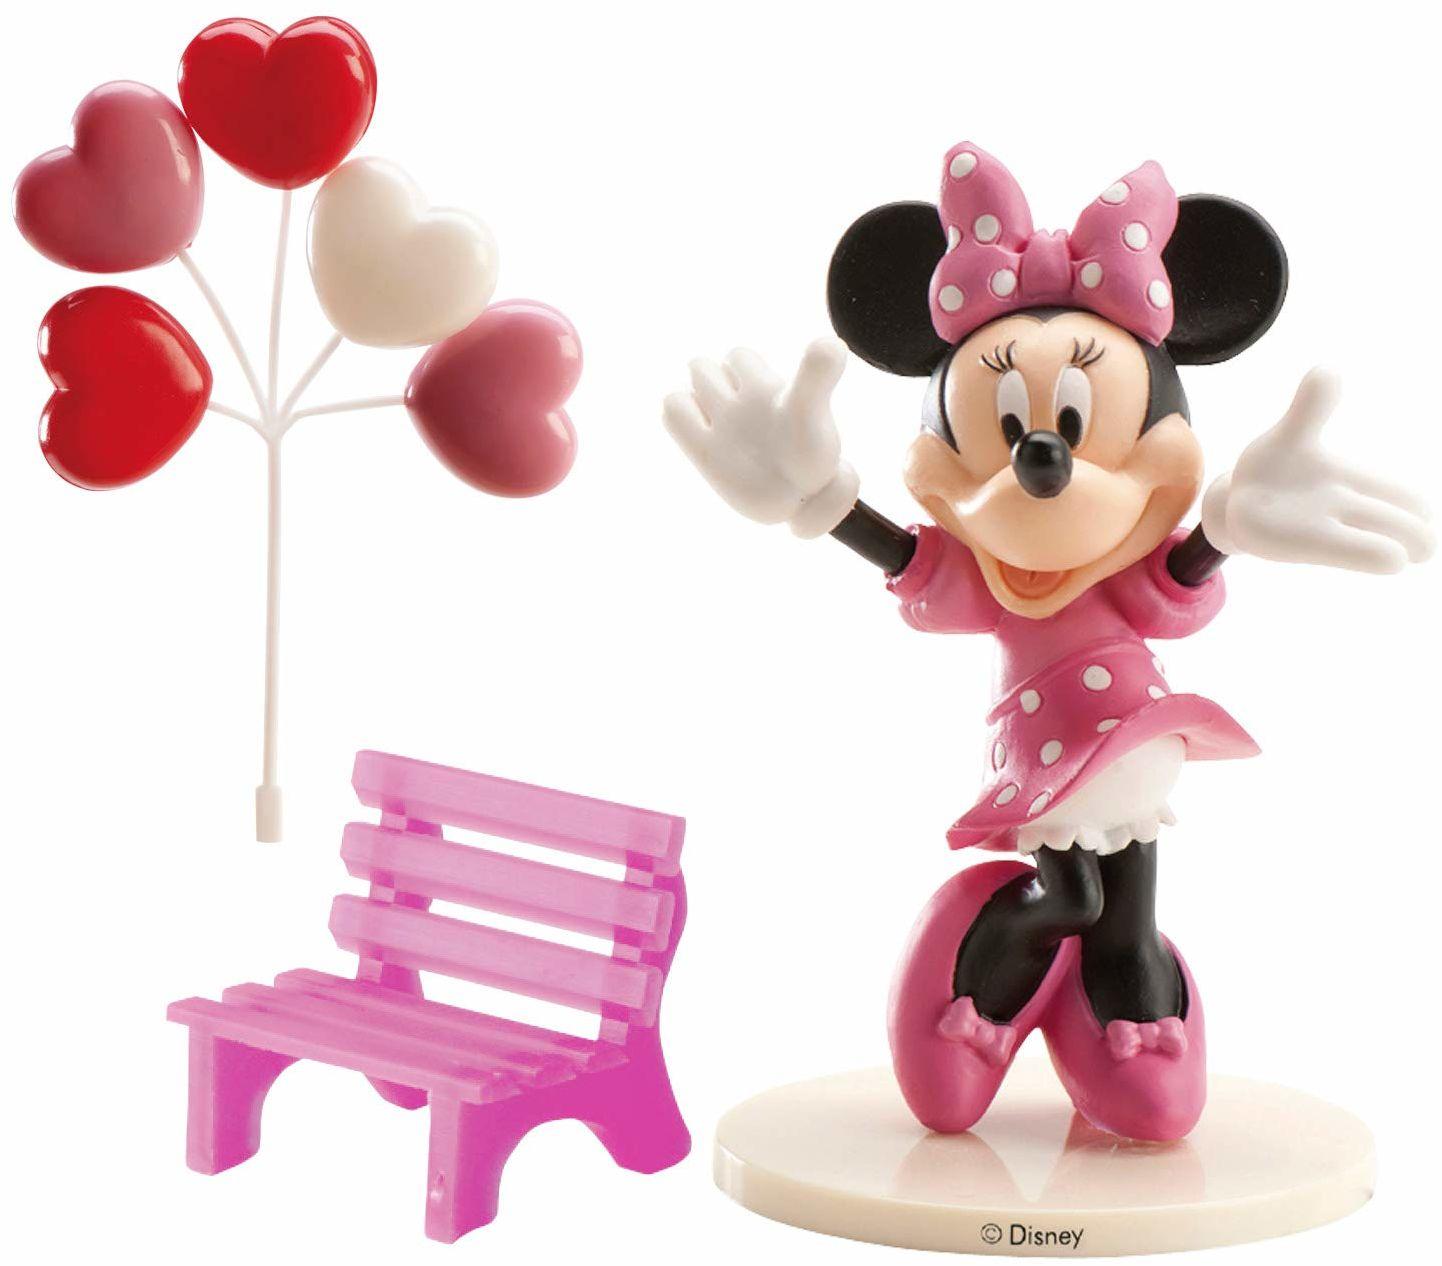 Dekora 302012 Minnie Mouse figurka na tort, tworzywo sztuczne, róża, 4 x 10 x 23 cm